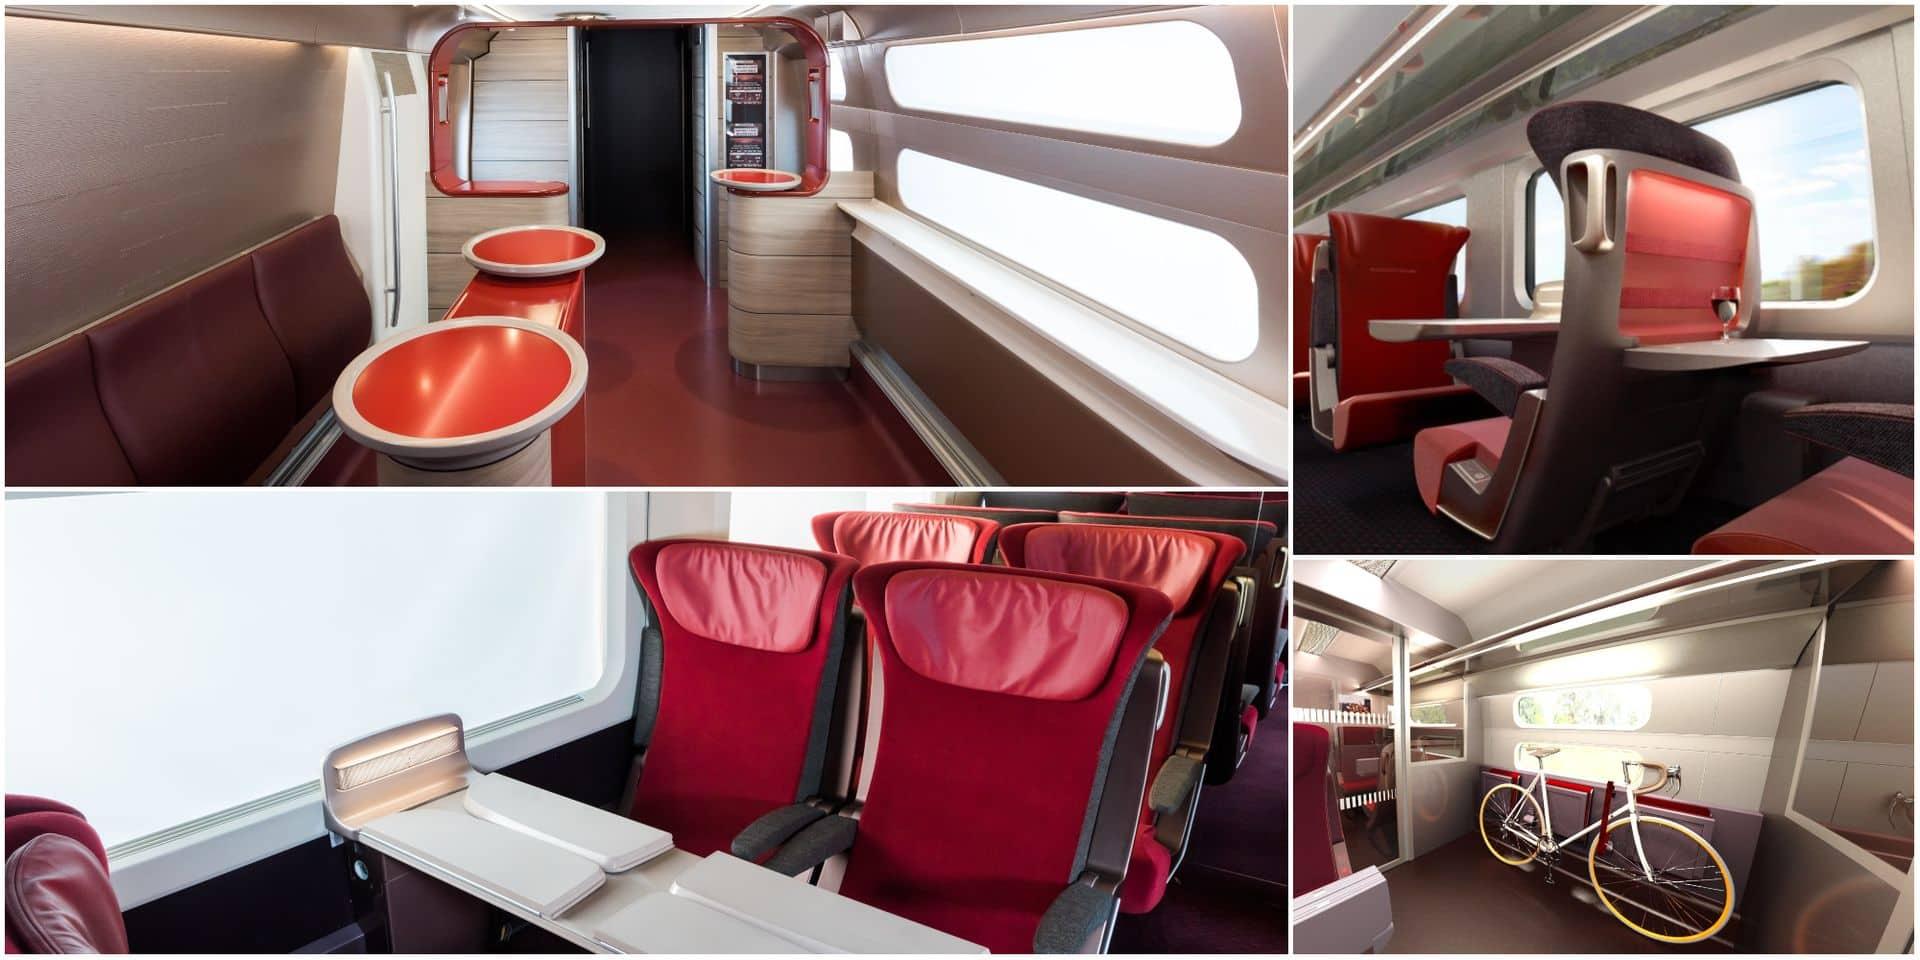 Comment Thalys veut contrer l'avion en Europe